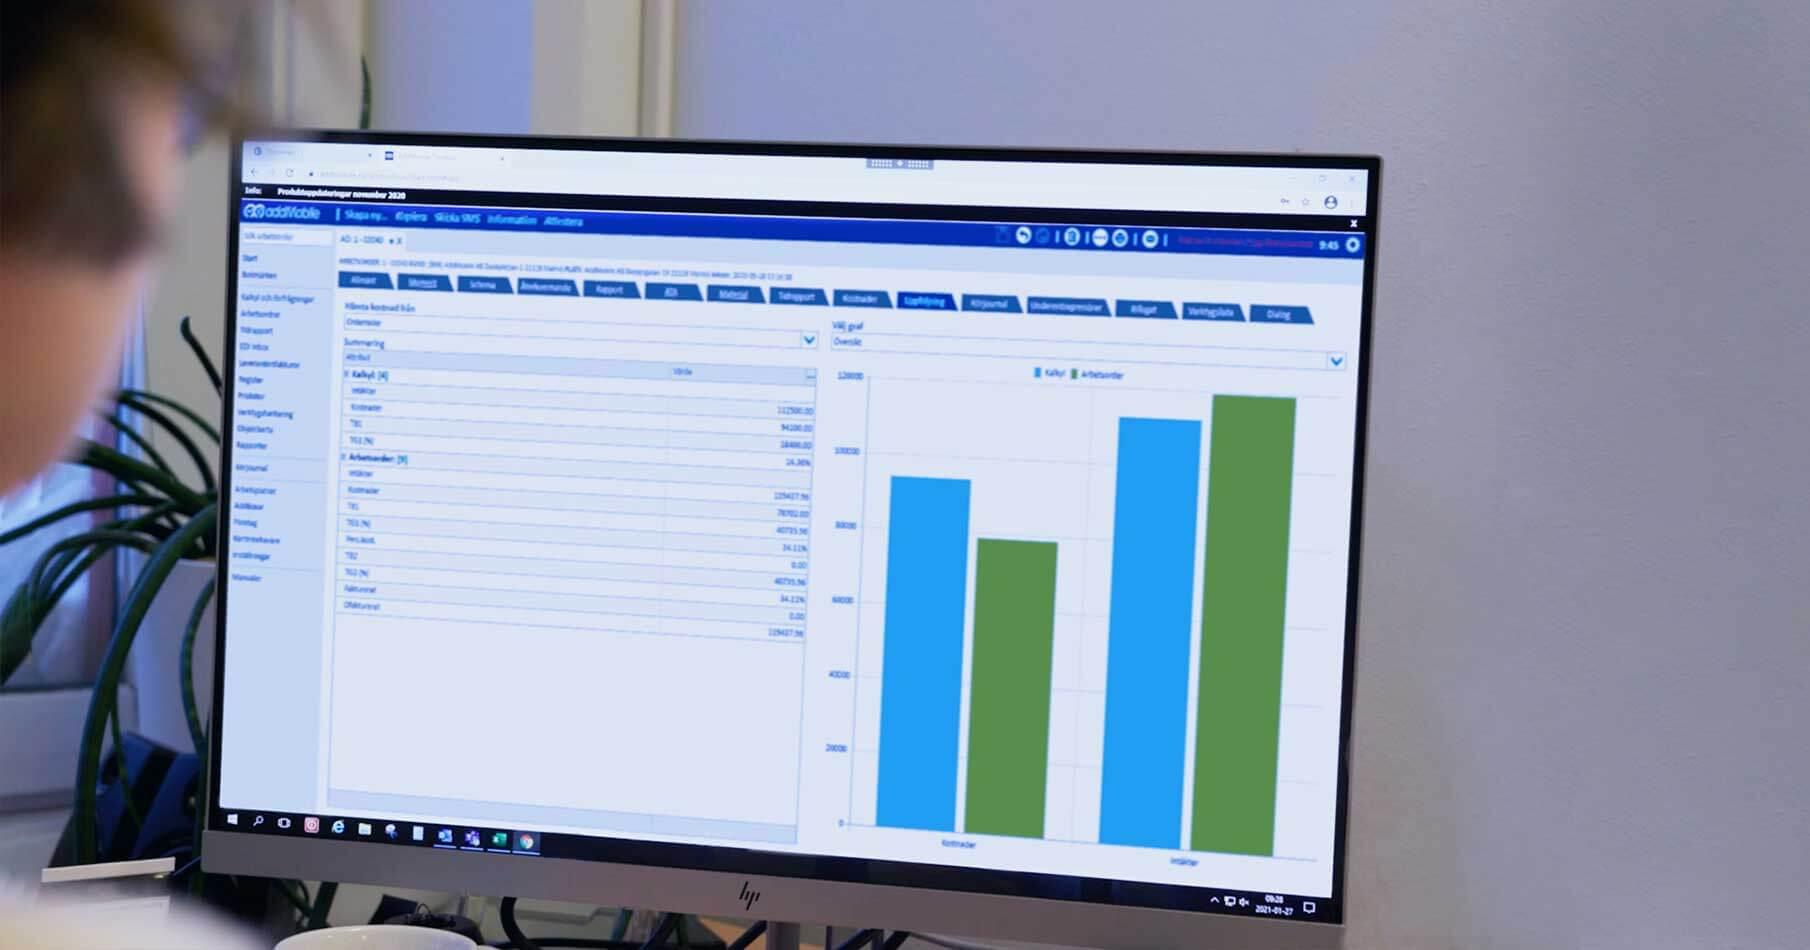 Kvinnlig administratör schemalägger resurser och medarbetare i AddMobiles projekthanteringssystem.